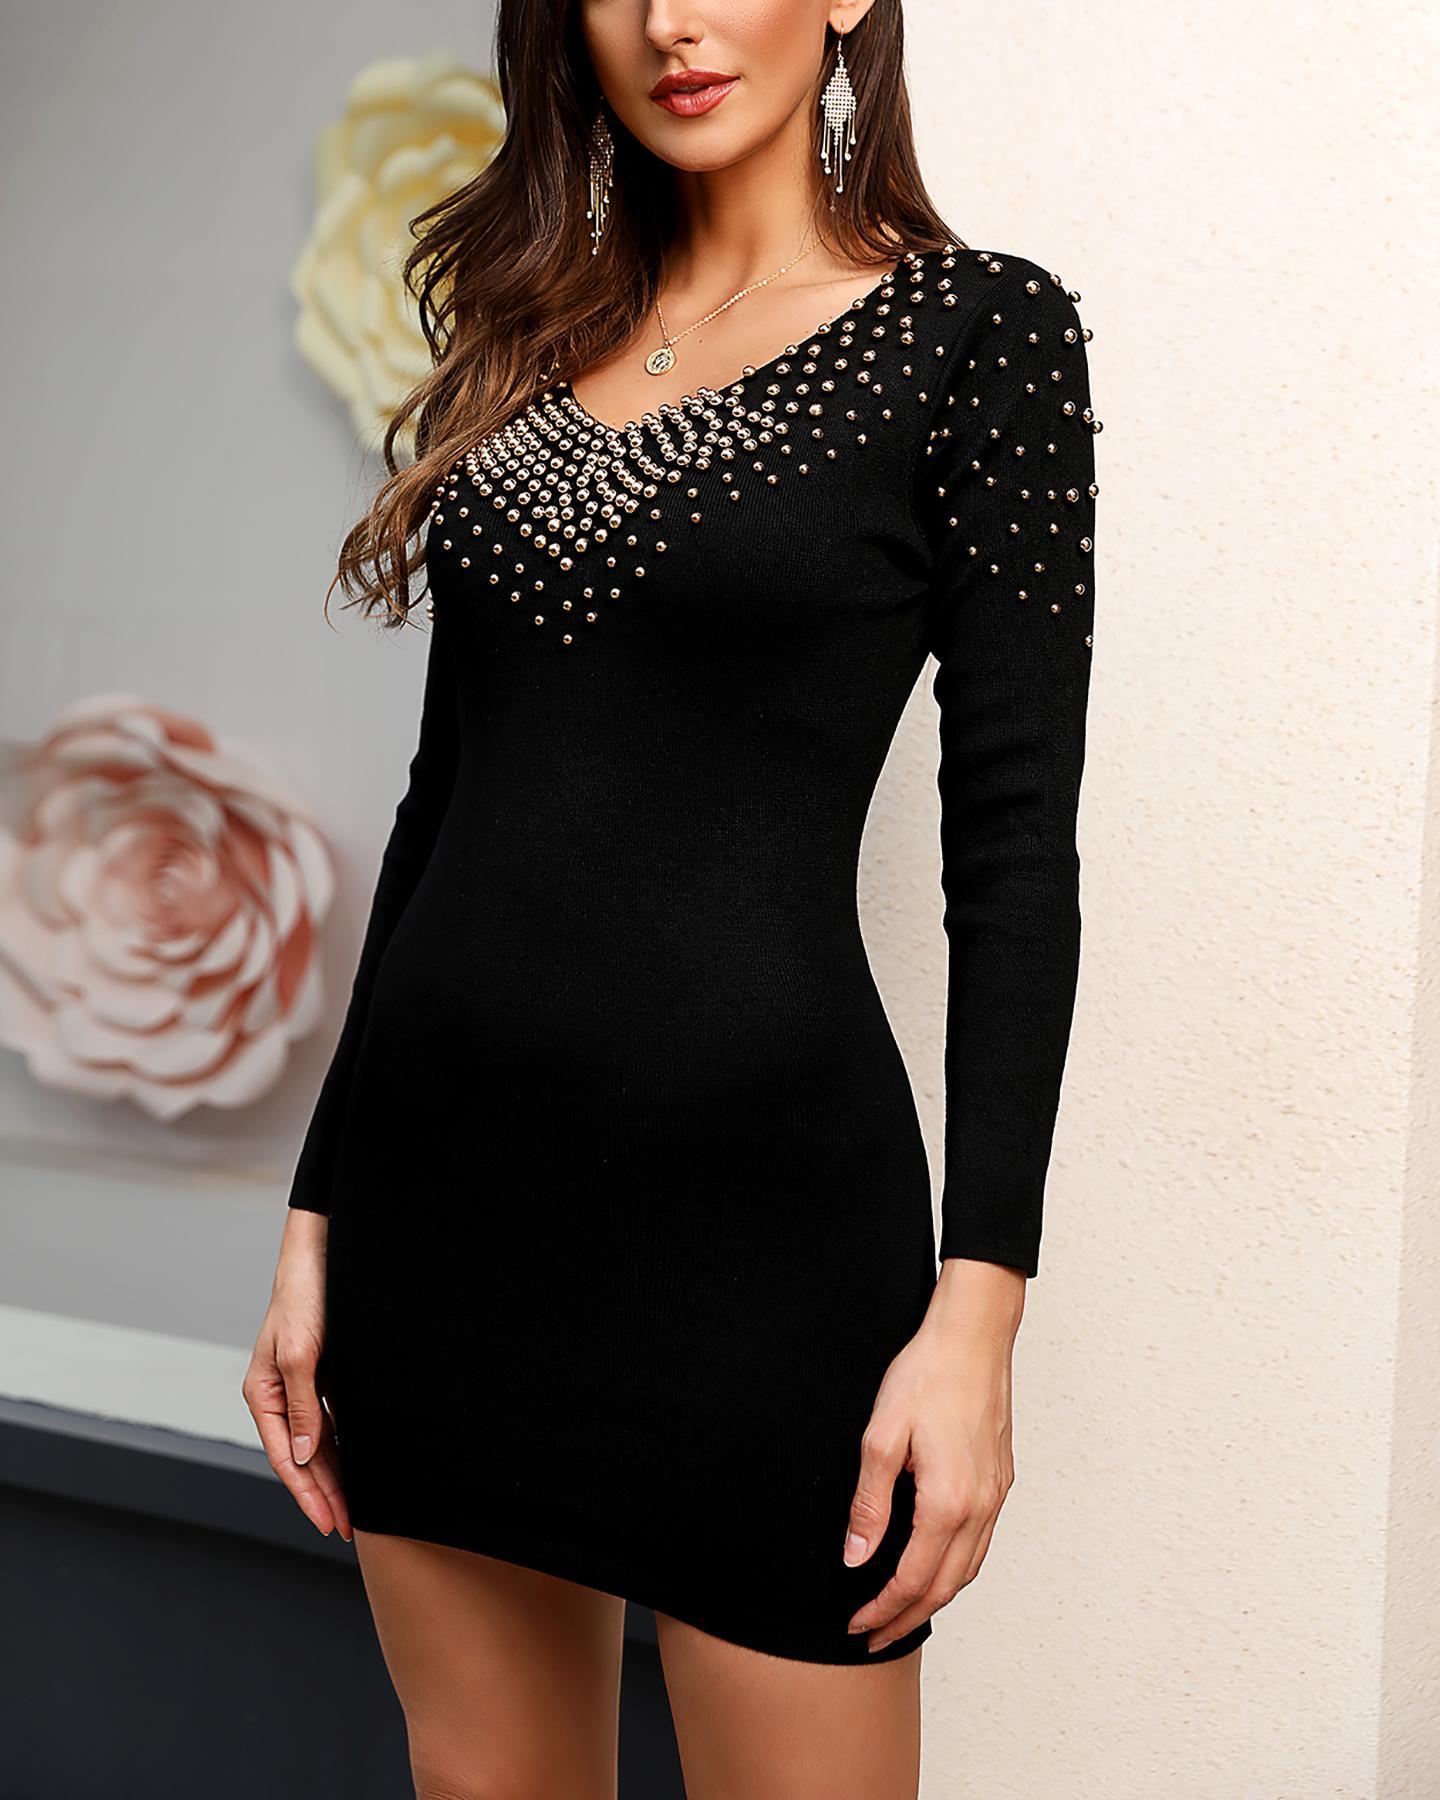 ivrose / Studded V Neck Bodycon Dress